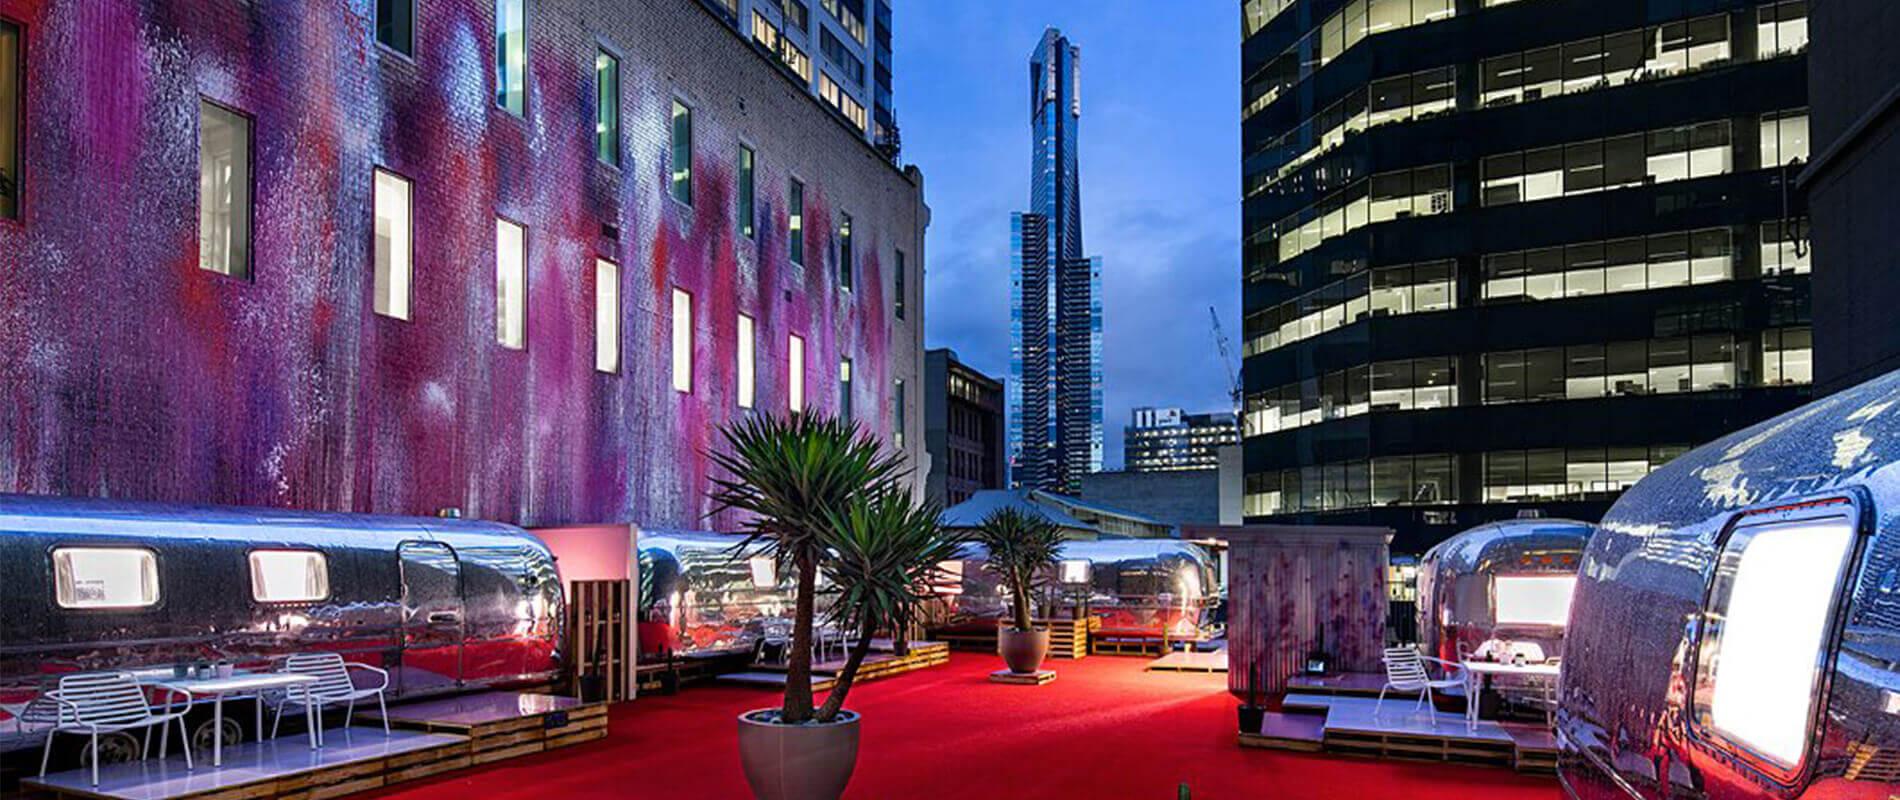 Notel, l'eccentrico hotel di Melbourne